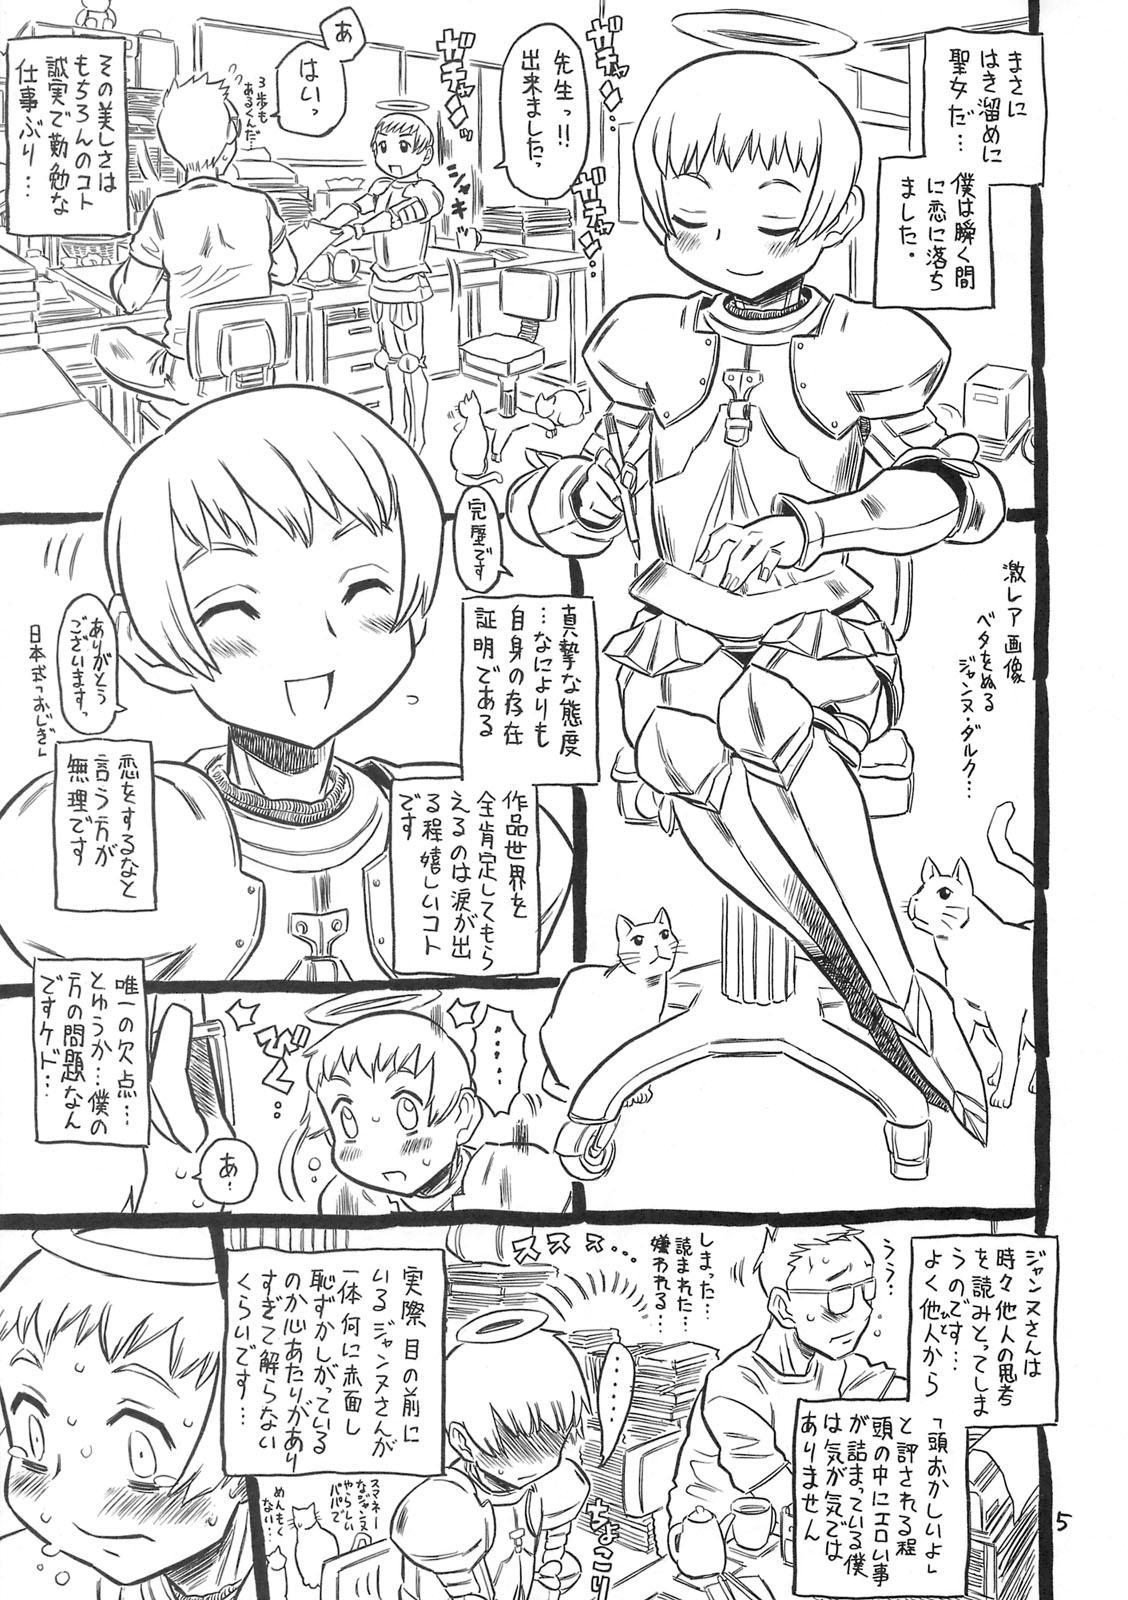 mayaonaka ni tengoku kara ero manga ke shibou no jannu-daruku ga yatteki te chiku 35 3